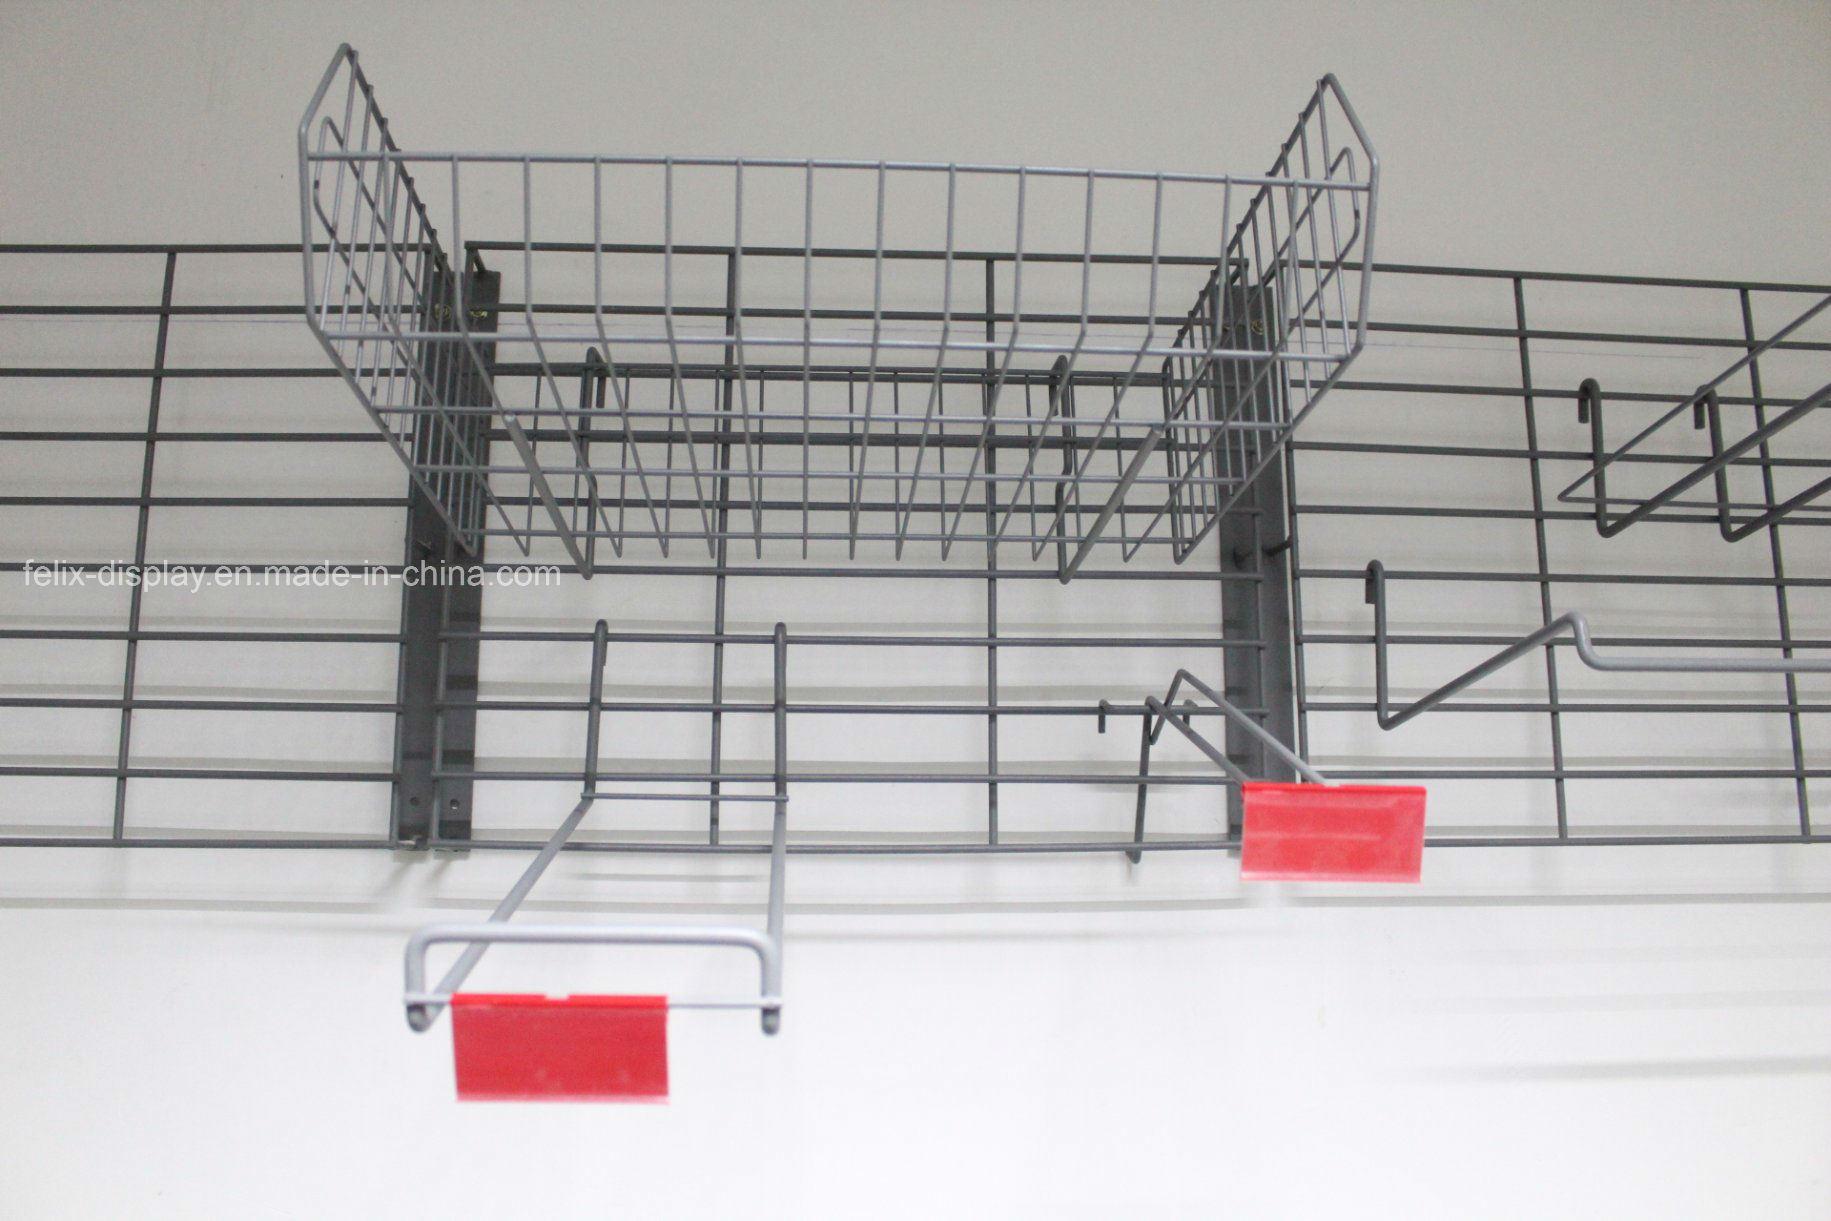 Estanterias Metalicas De Diseno.Foto De Diseno Personalizado Mostrar Accesorios Estanterias